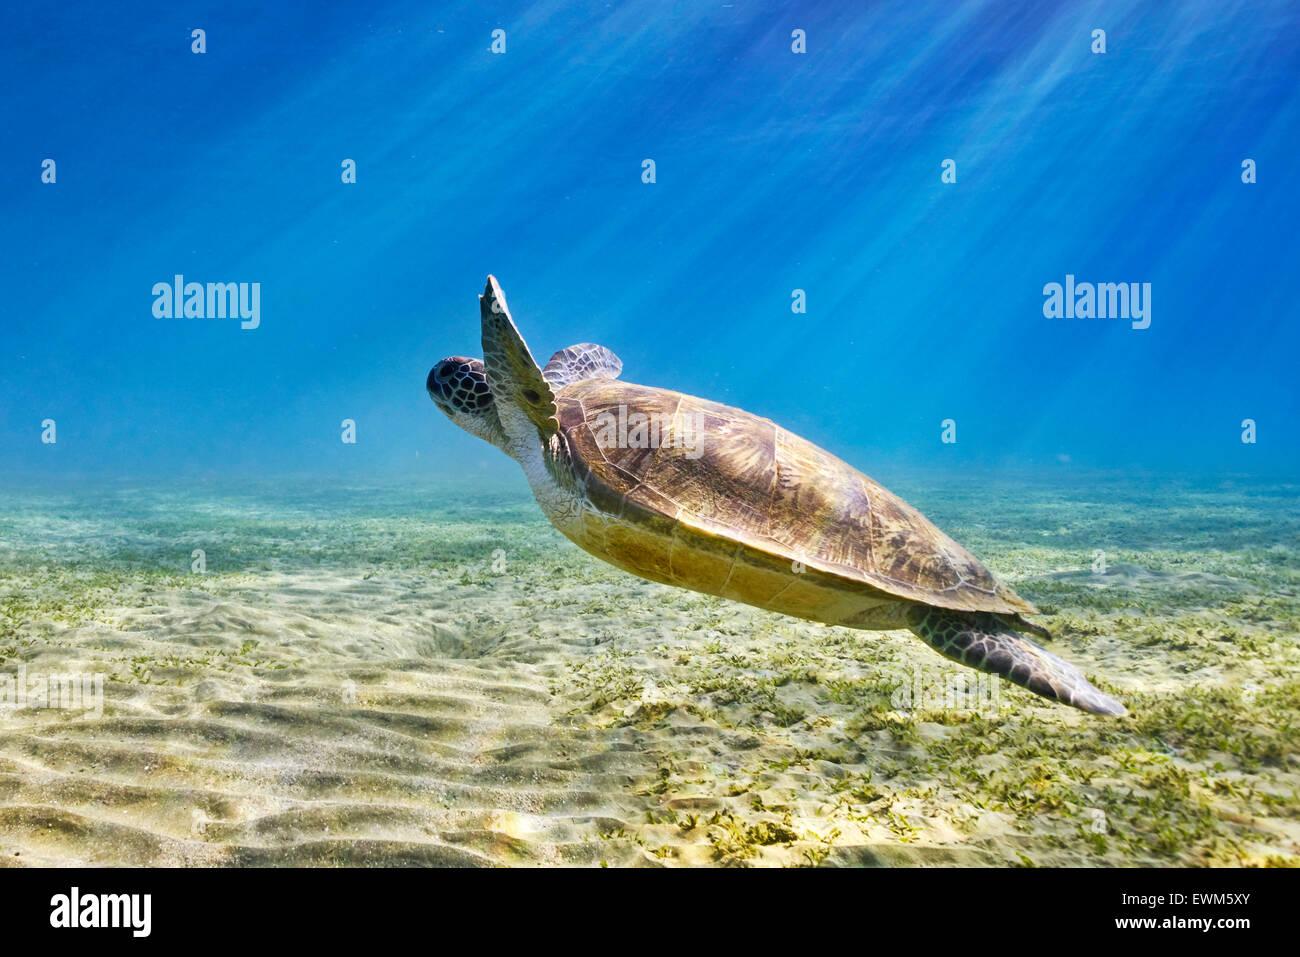 Vista subacquea in mare la tartaruga, Marsa Alam, Mar Rosso, Egitto Immagini Stock